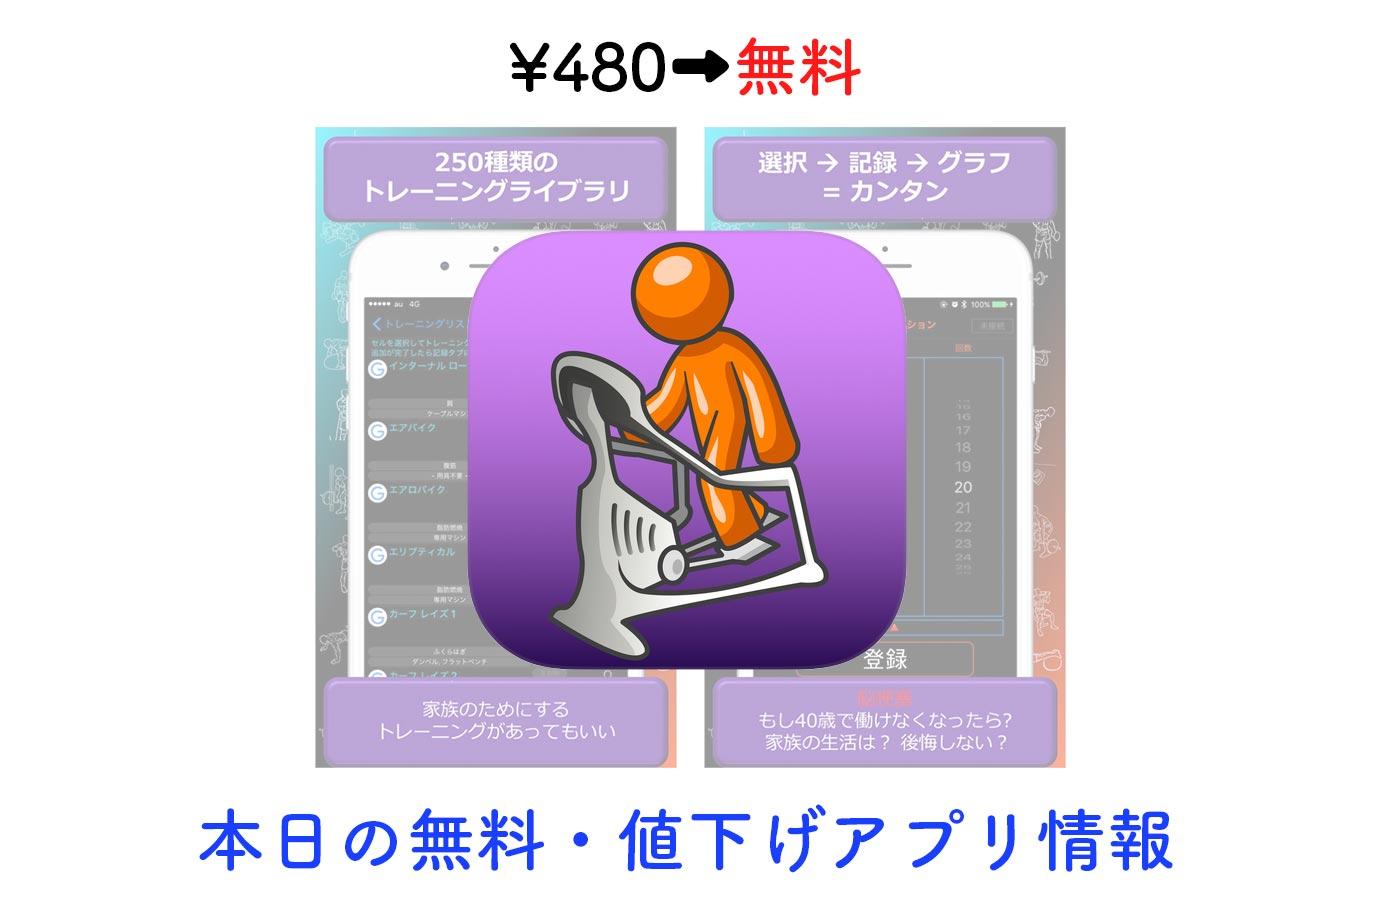 ¥480→無料、250種類のトレーニングから選べるワークアウト記録アプリ「じむろぐ」など【10/27】本日の無料・値下げアプリ情報